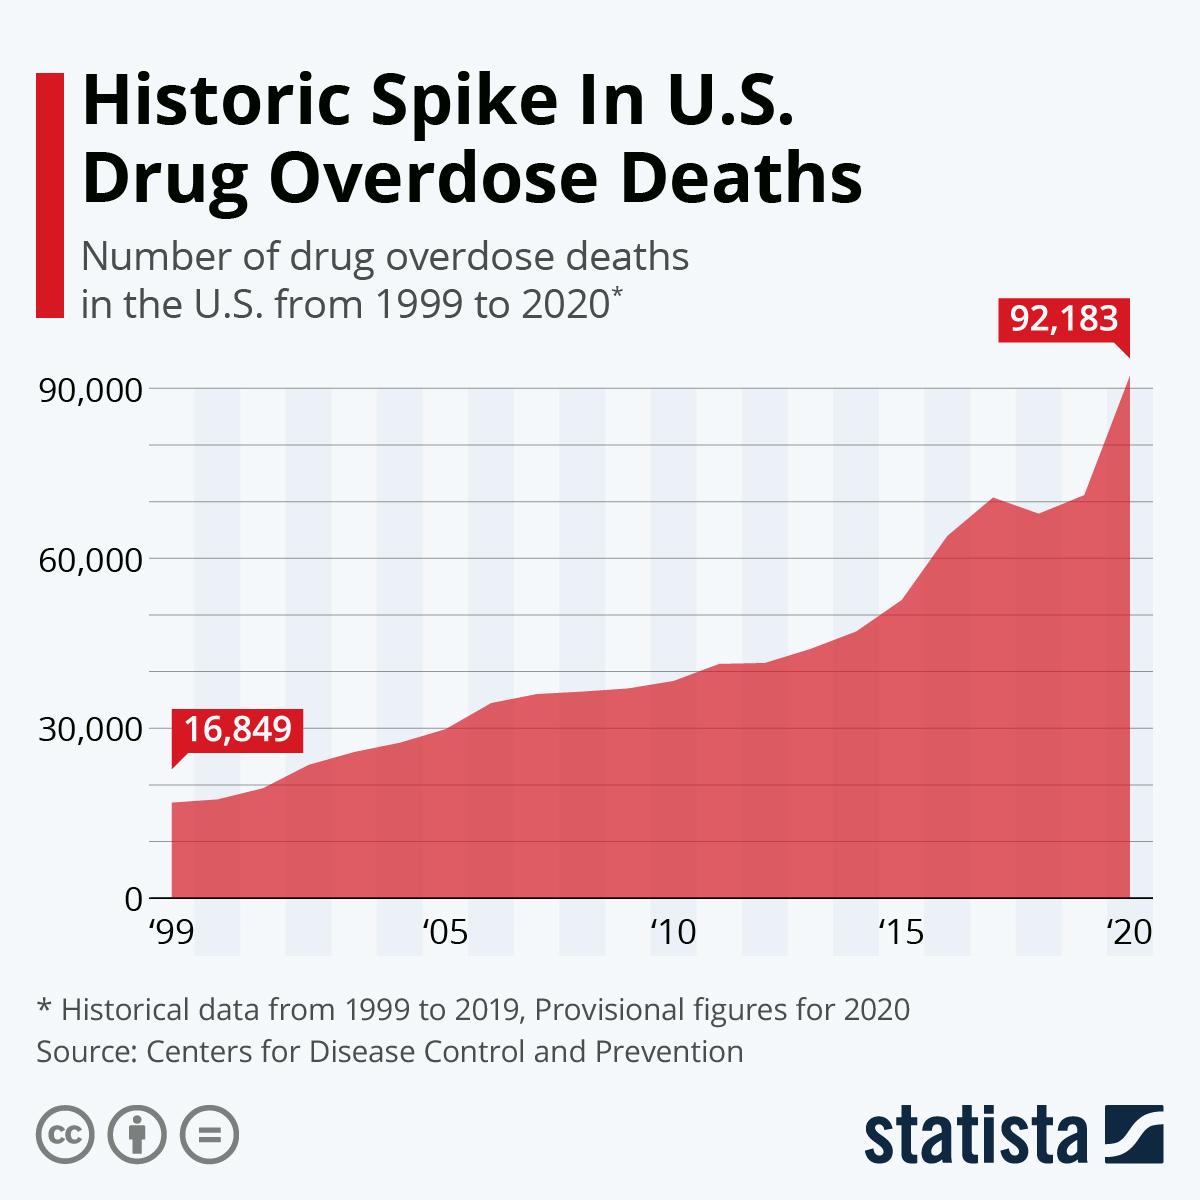 Historic Spike In U.S. Drug Overdose Deaths